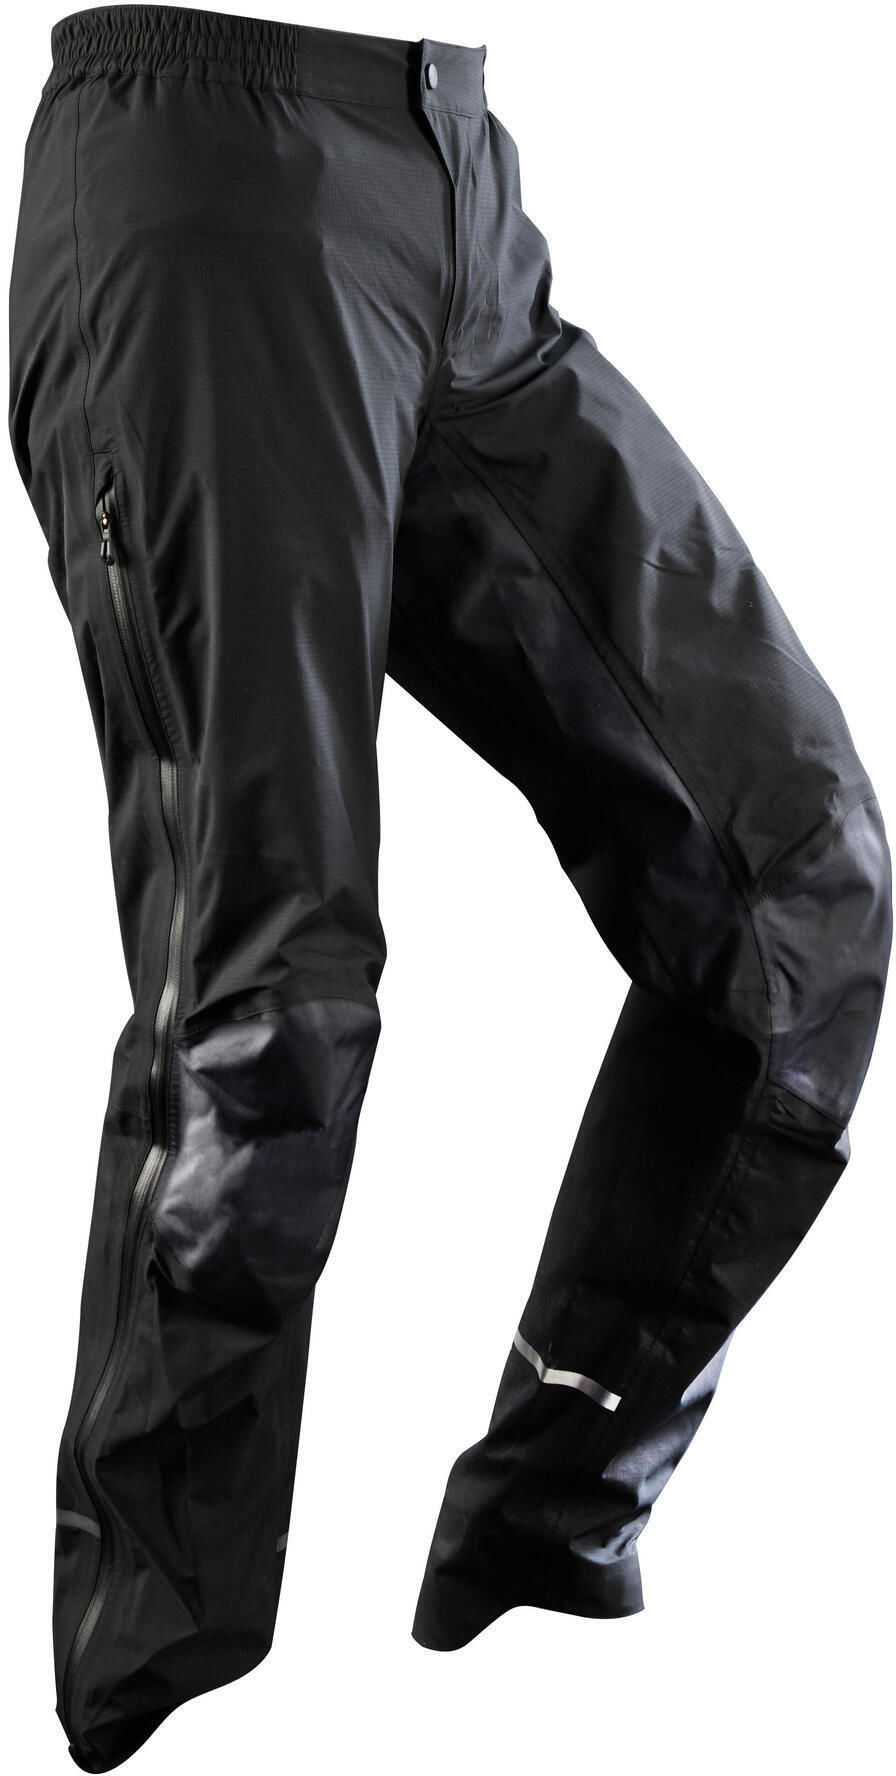 Ochraniacze Przeciwdeszczowe Spodni Na Rower Miejski 900 Męskie